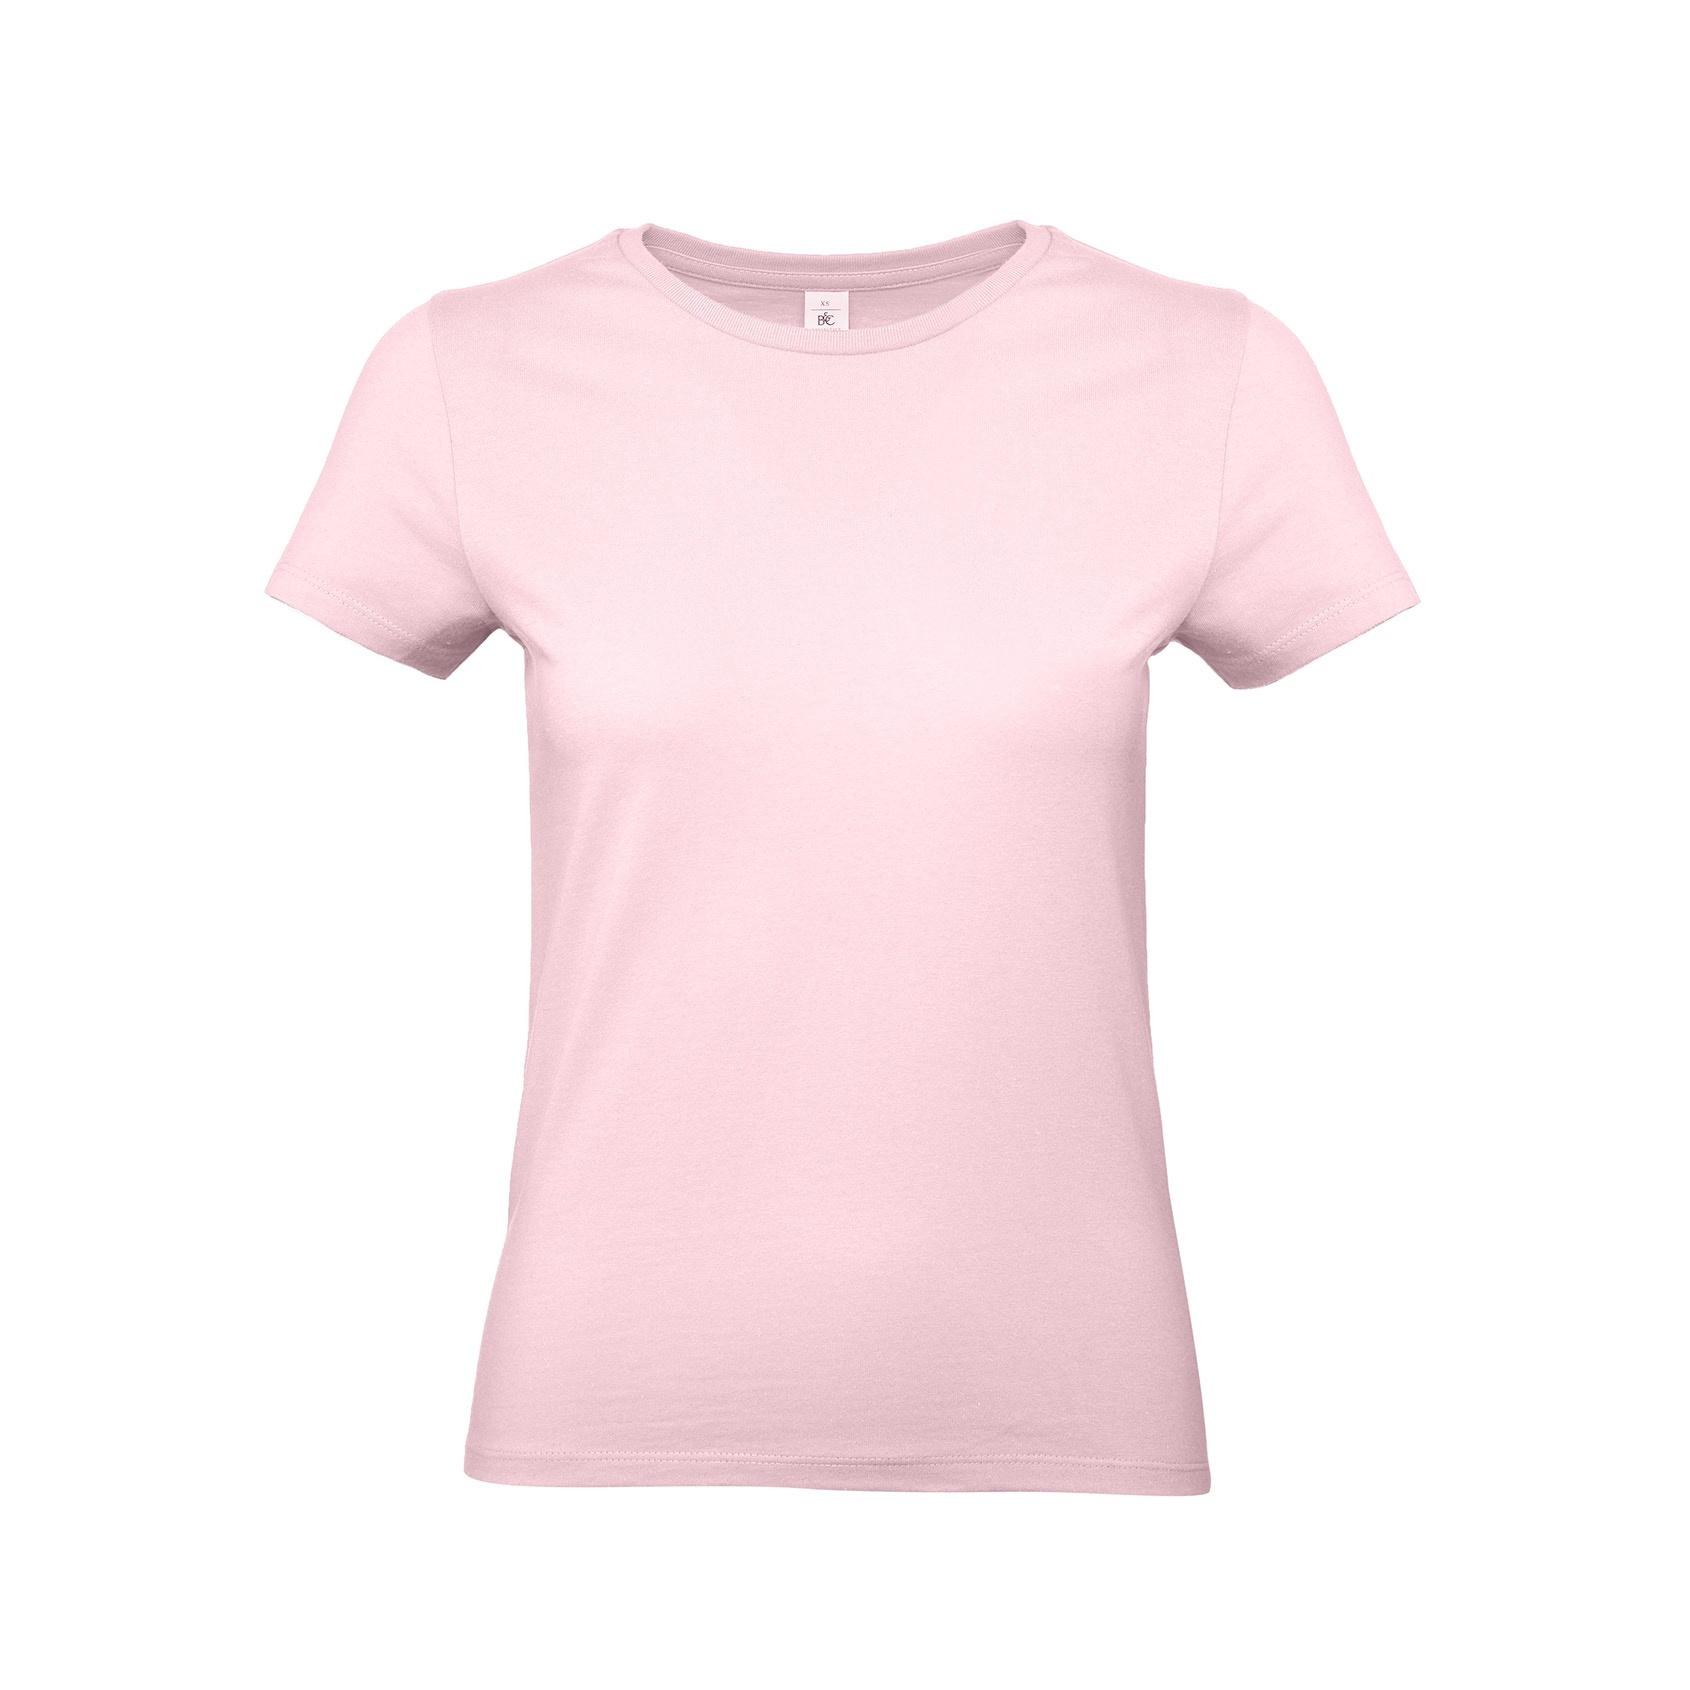 #E190 - Damen T-Shirt / B&C